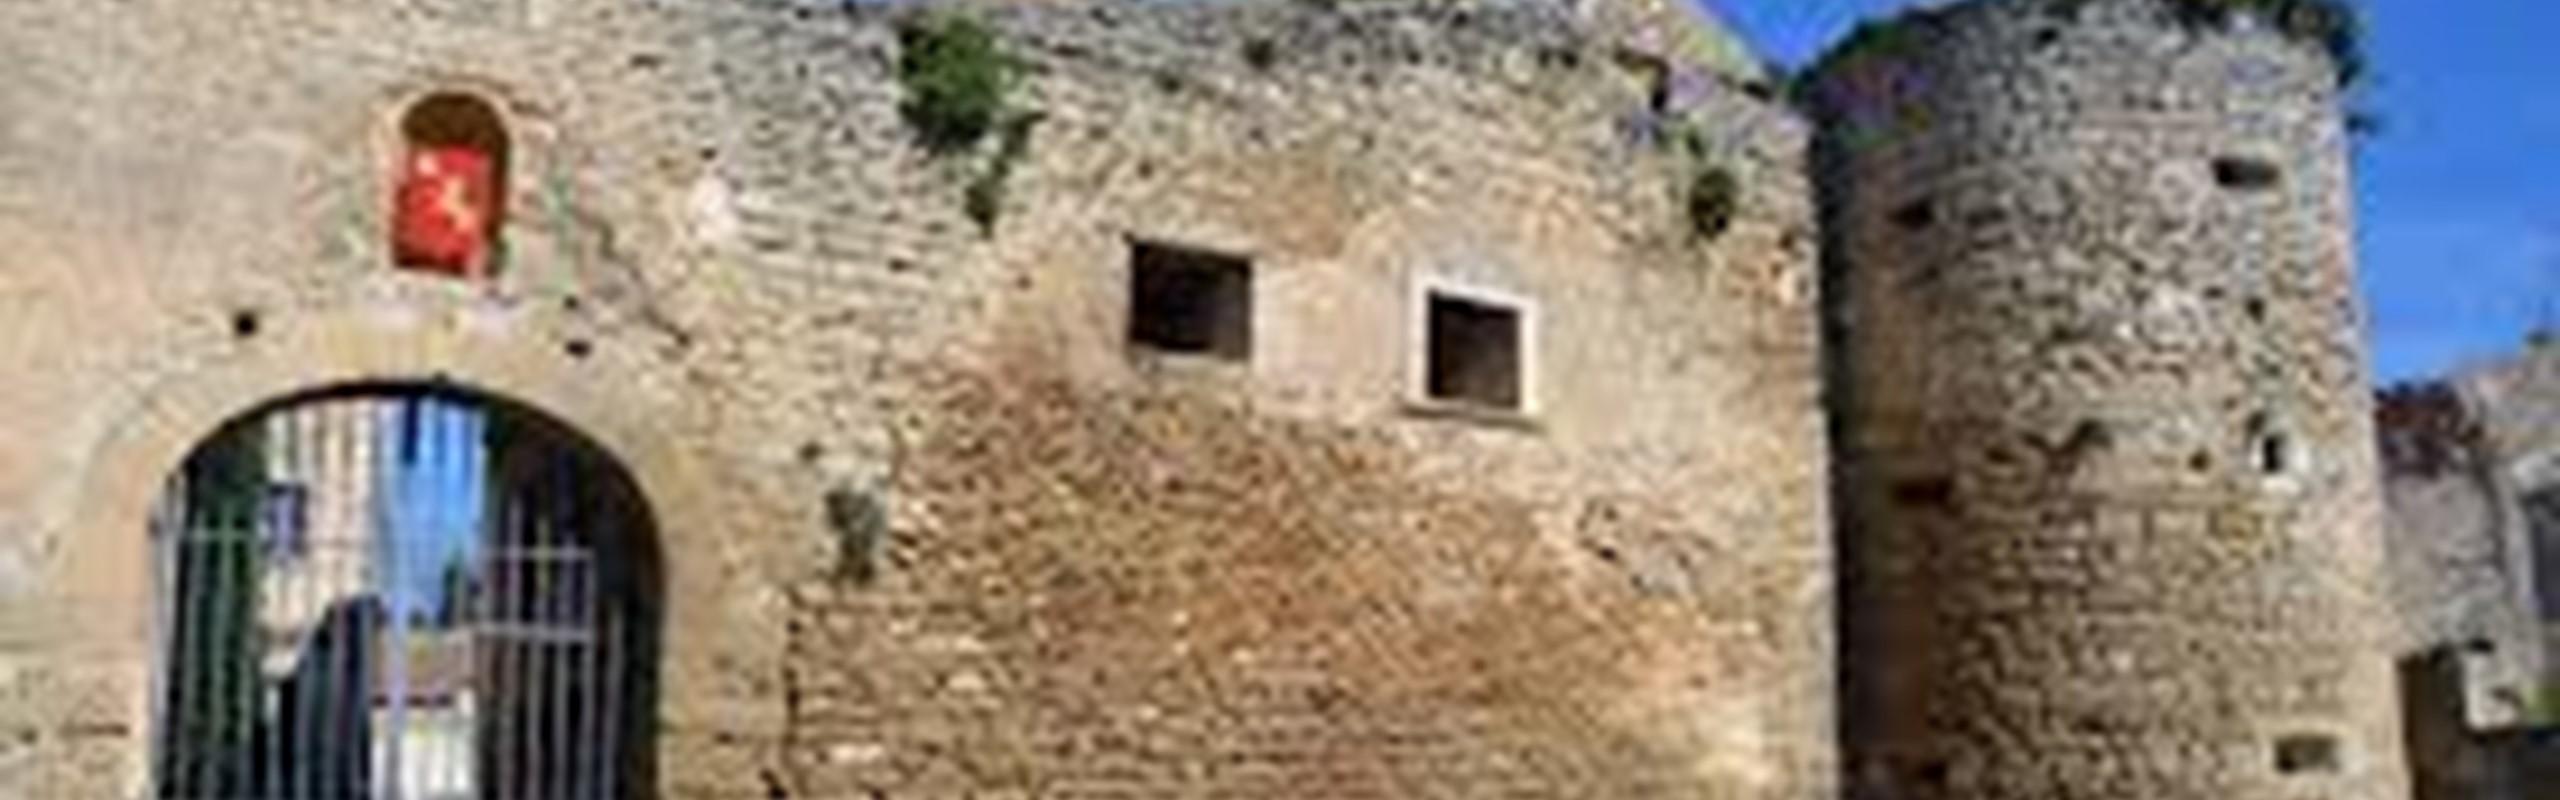 Cabrieres d'Avignon